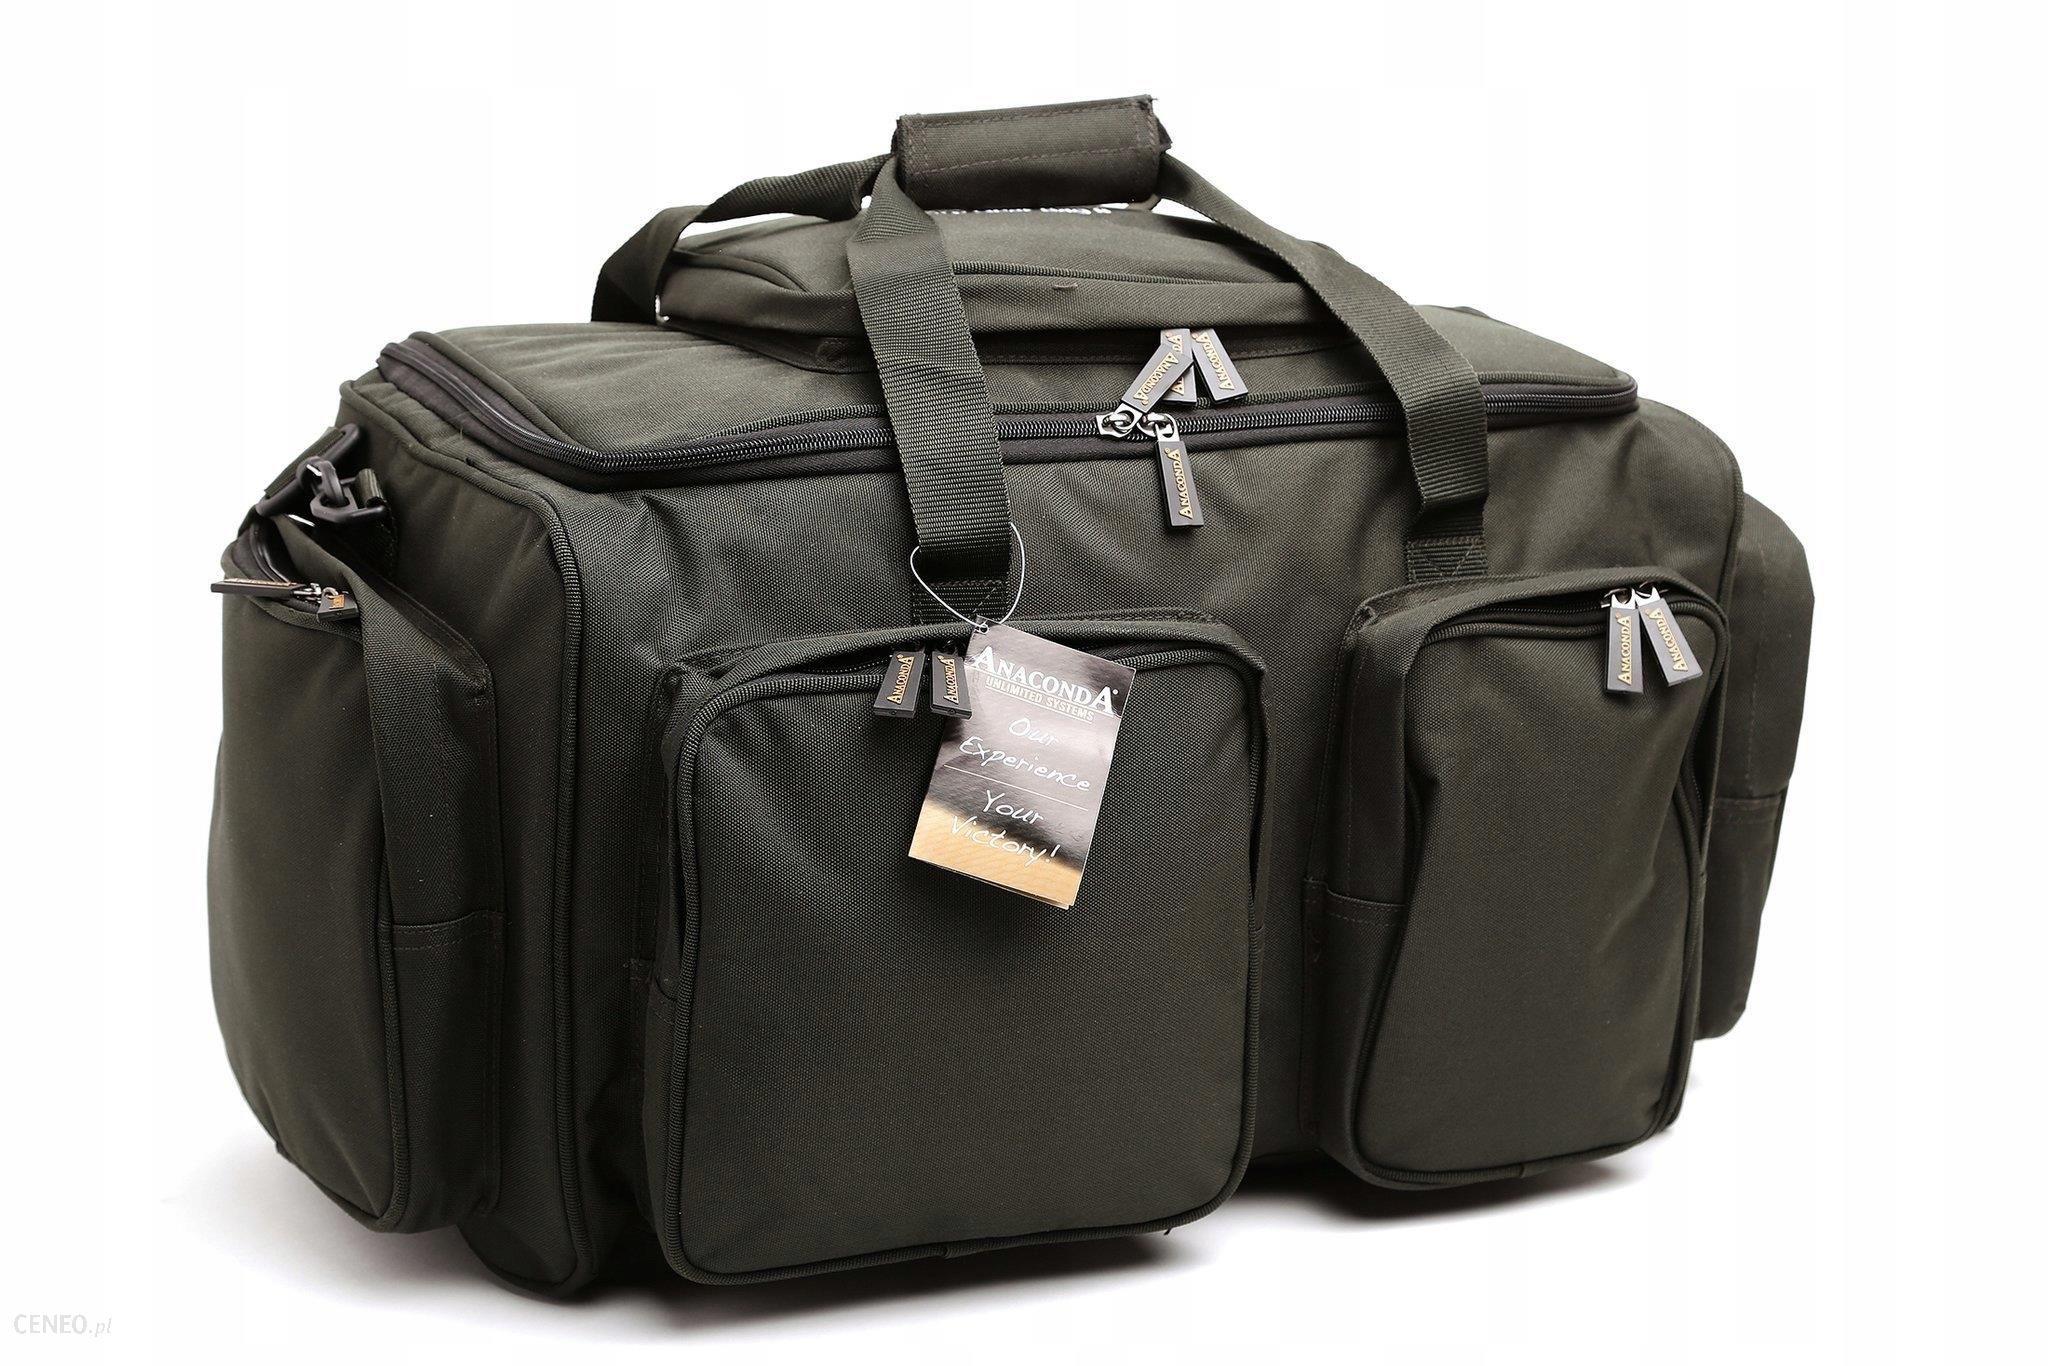 Torba Na Sprzęt I Akcesoria Sanger Gear Bag II